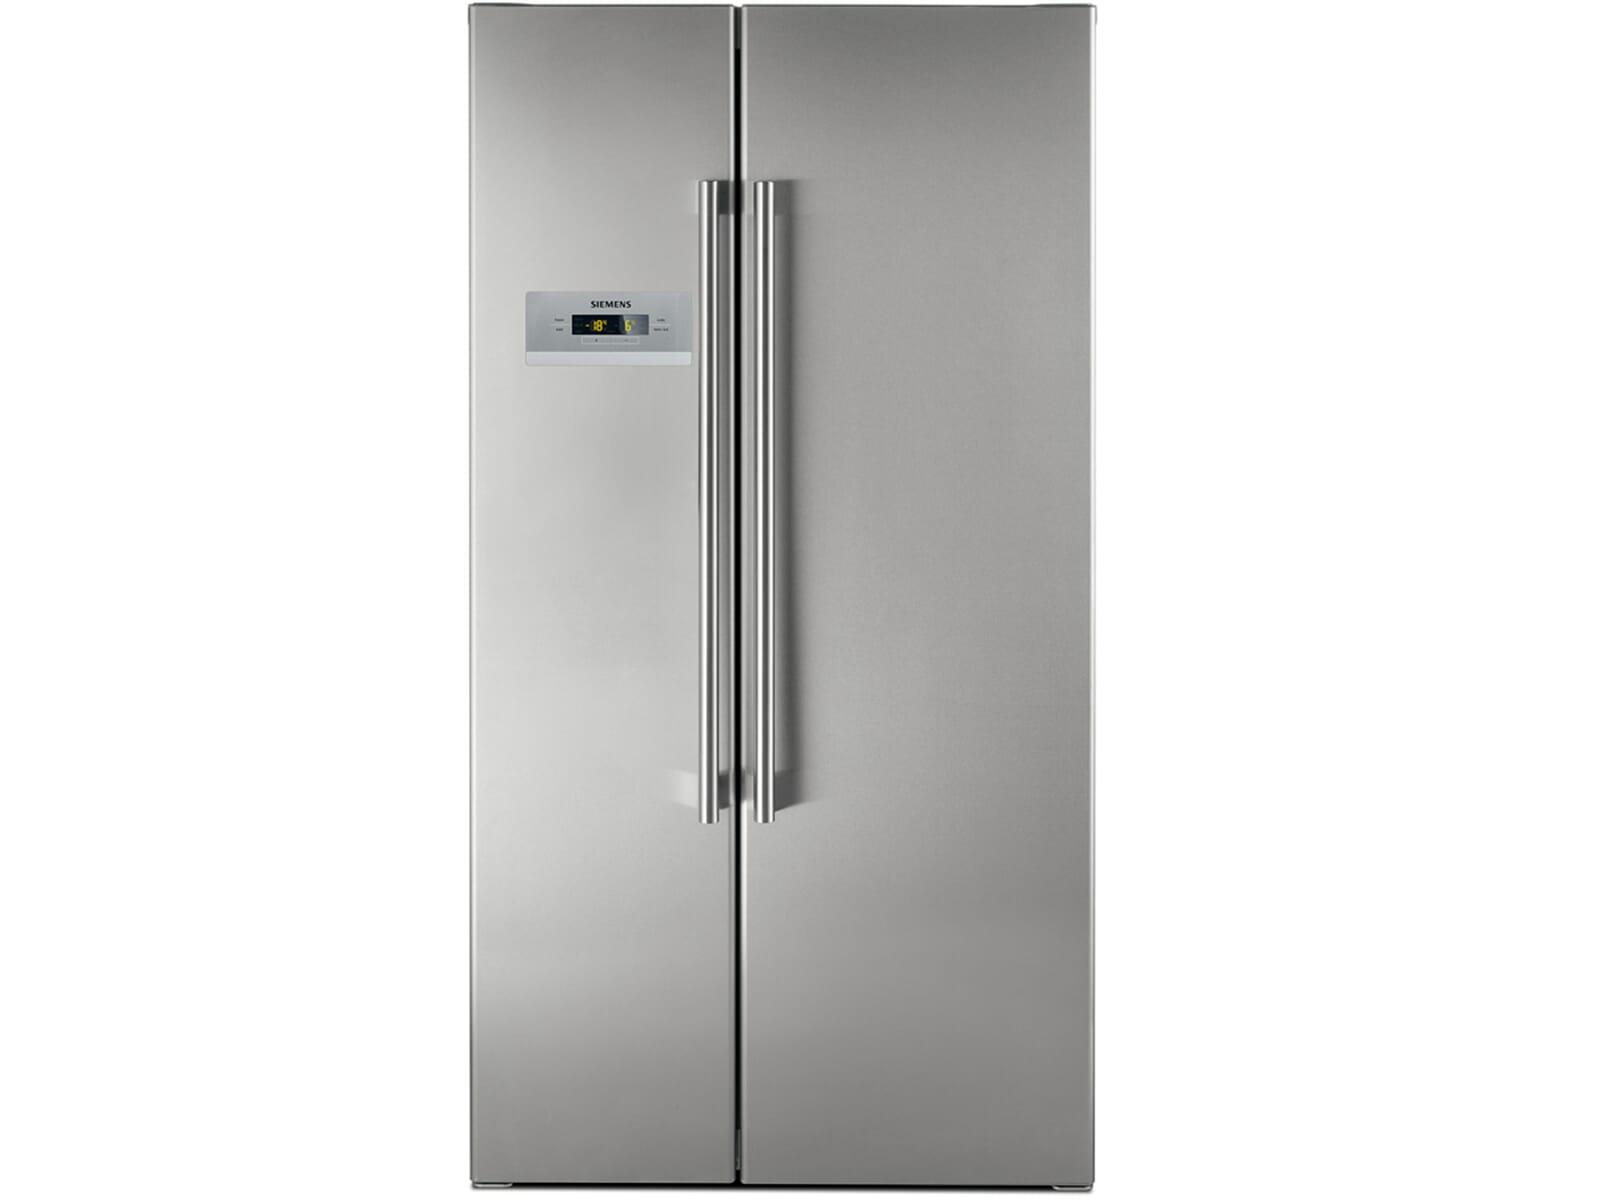 Smeg Kühlschrank Tür Einstellen : Siemens kühlschrank tür einstellen: kühlschranktür justieren